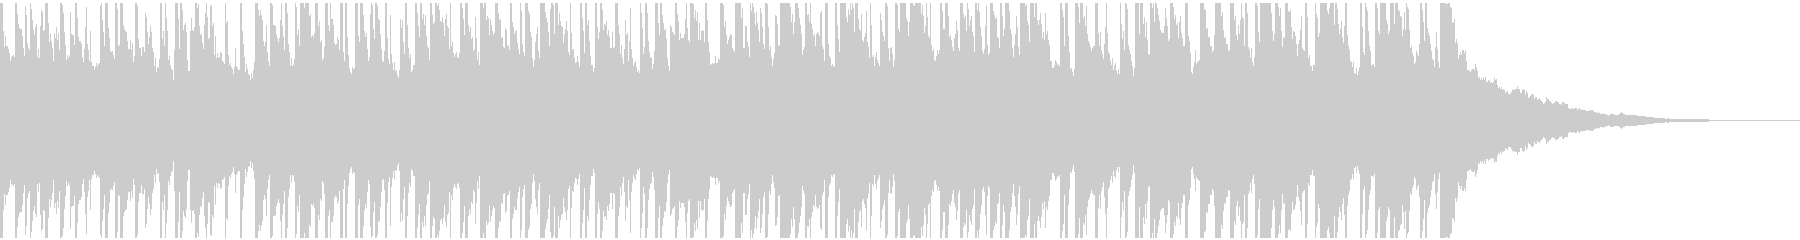 ウクレレ、ピアノの楽しい楽曲60秒verの未再生の波形